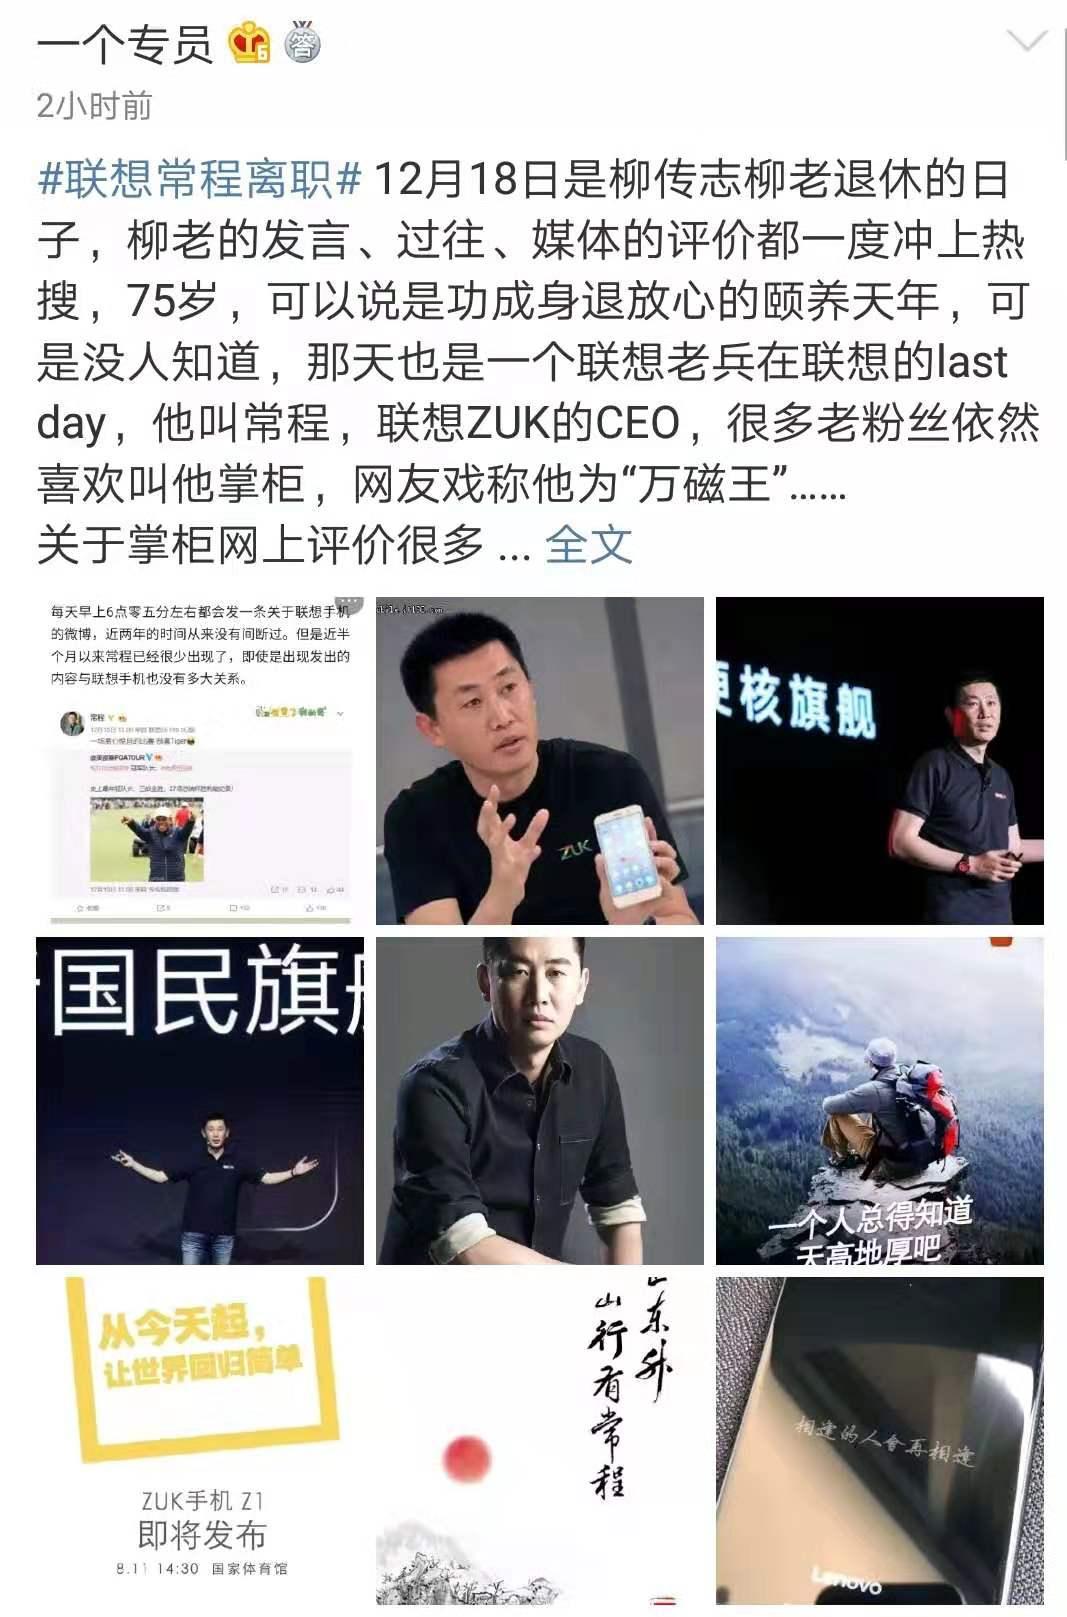 传联想集团副总裁常程已离职,联想放弃国内手机业务专注海外